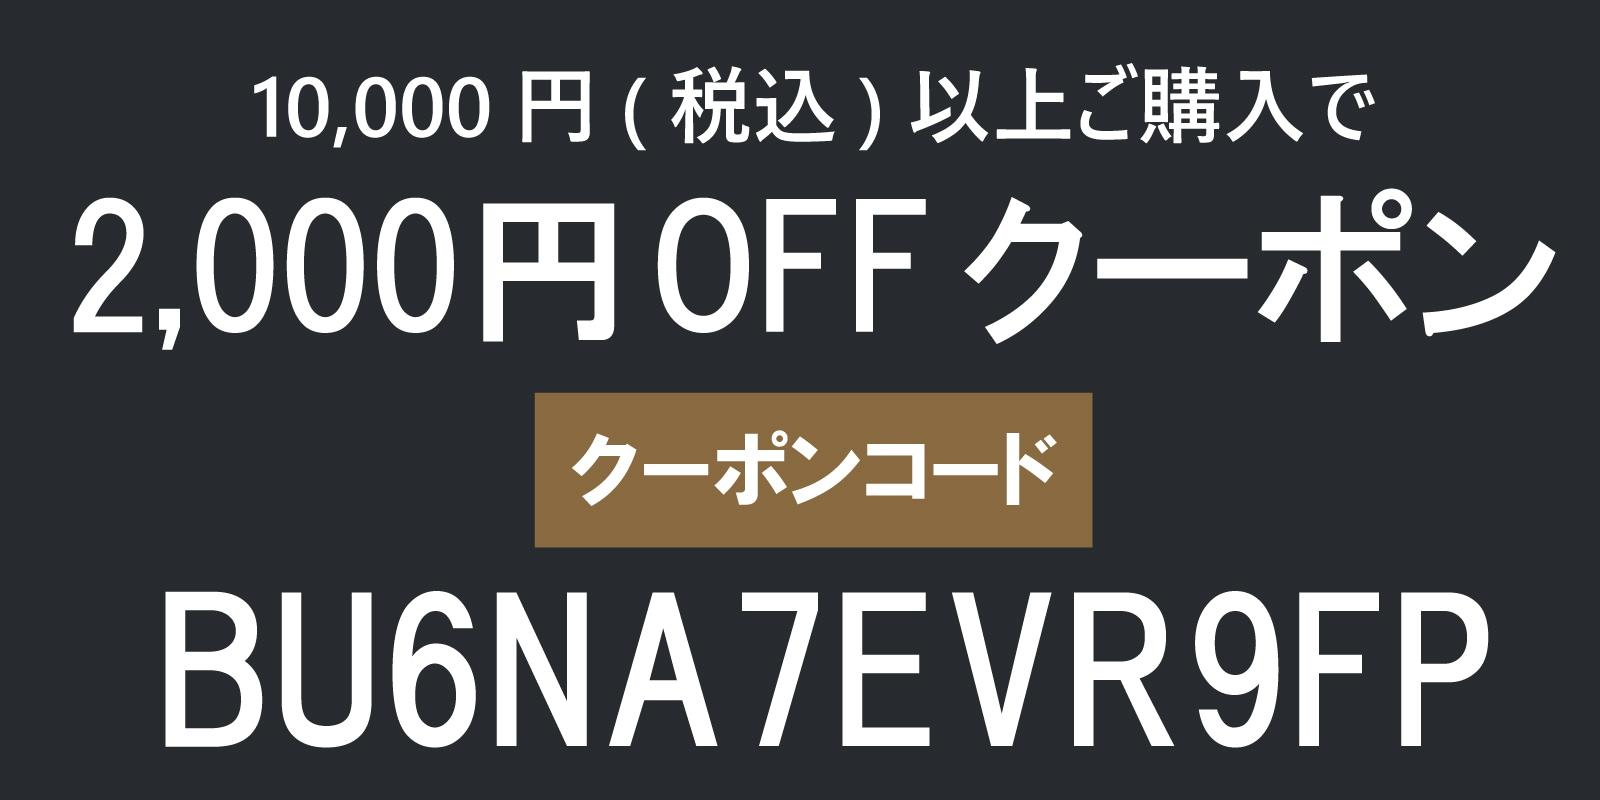 ★1万円以上お買い物に、今すぐクーポンご利用頂けます★【BU6NA7EVR9FP】